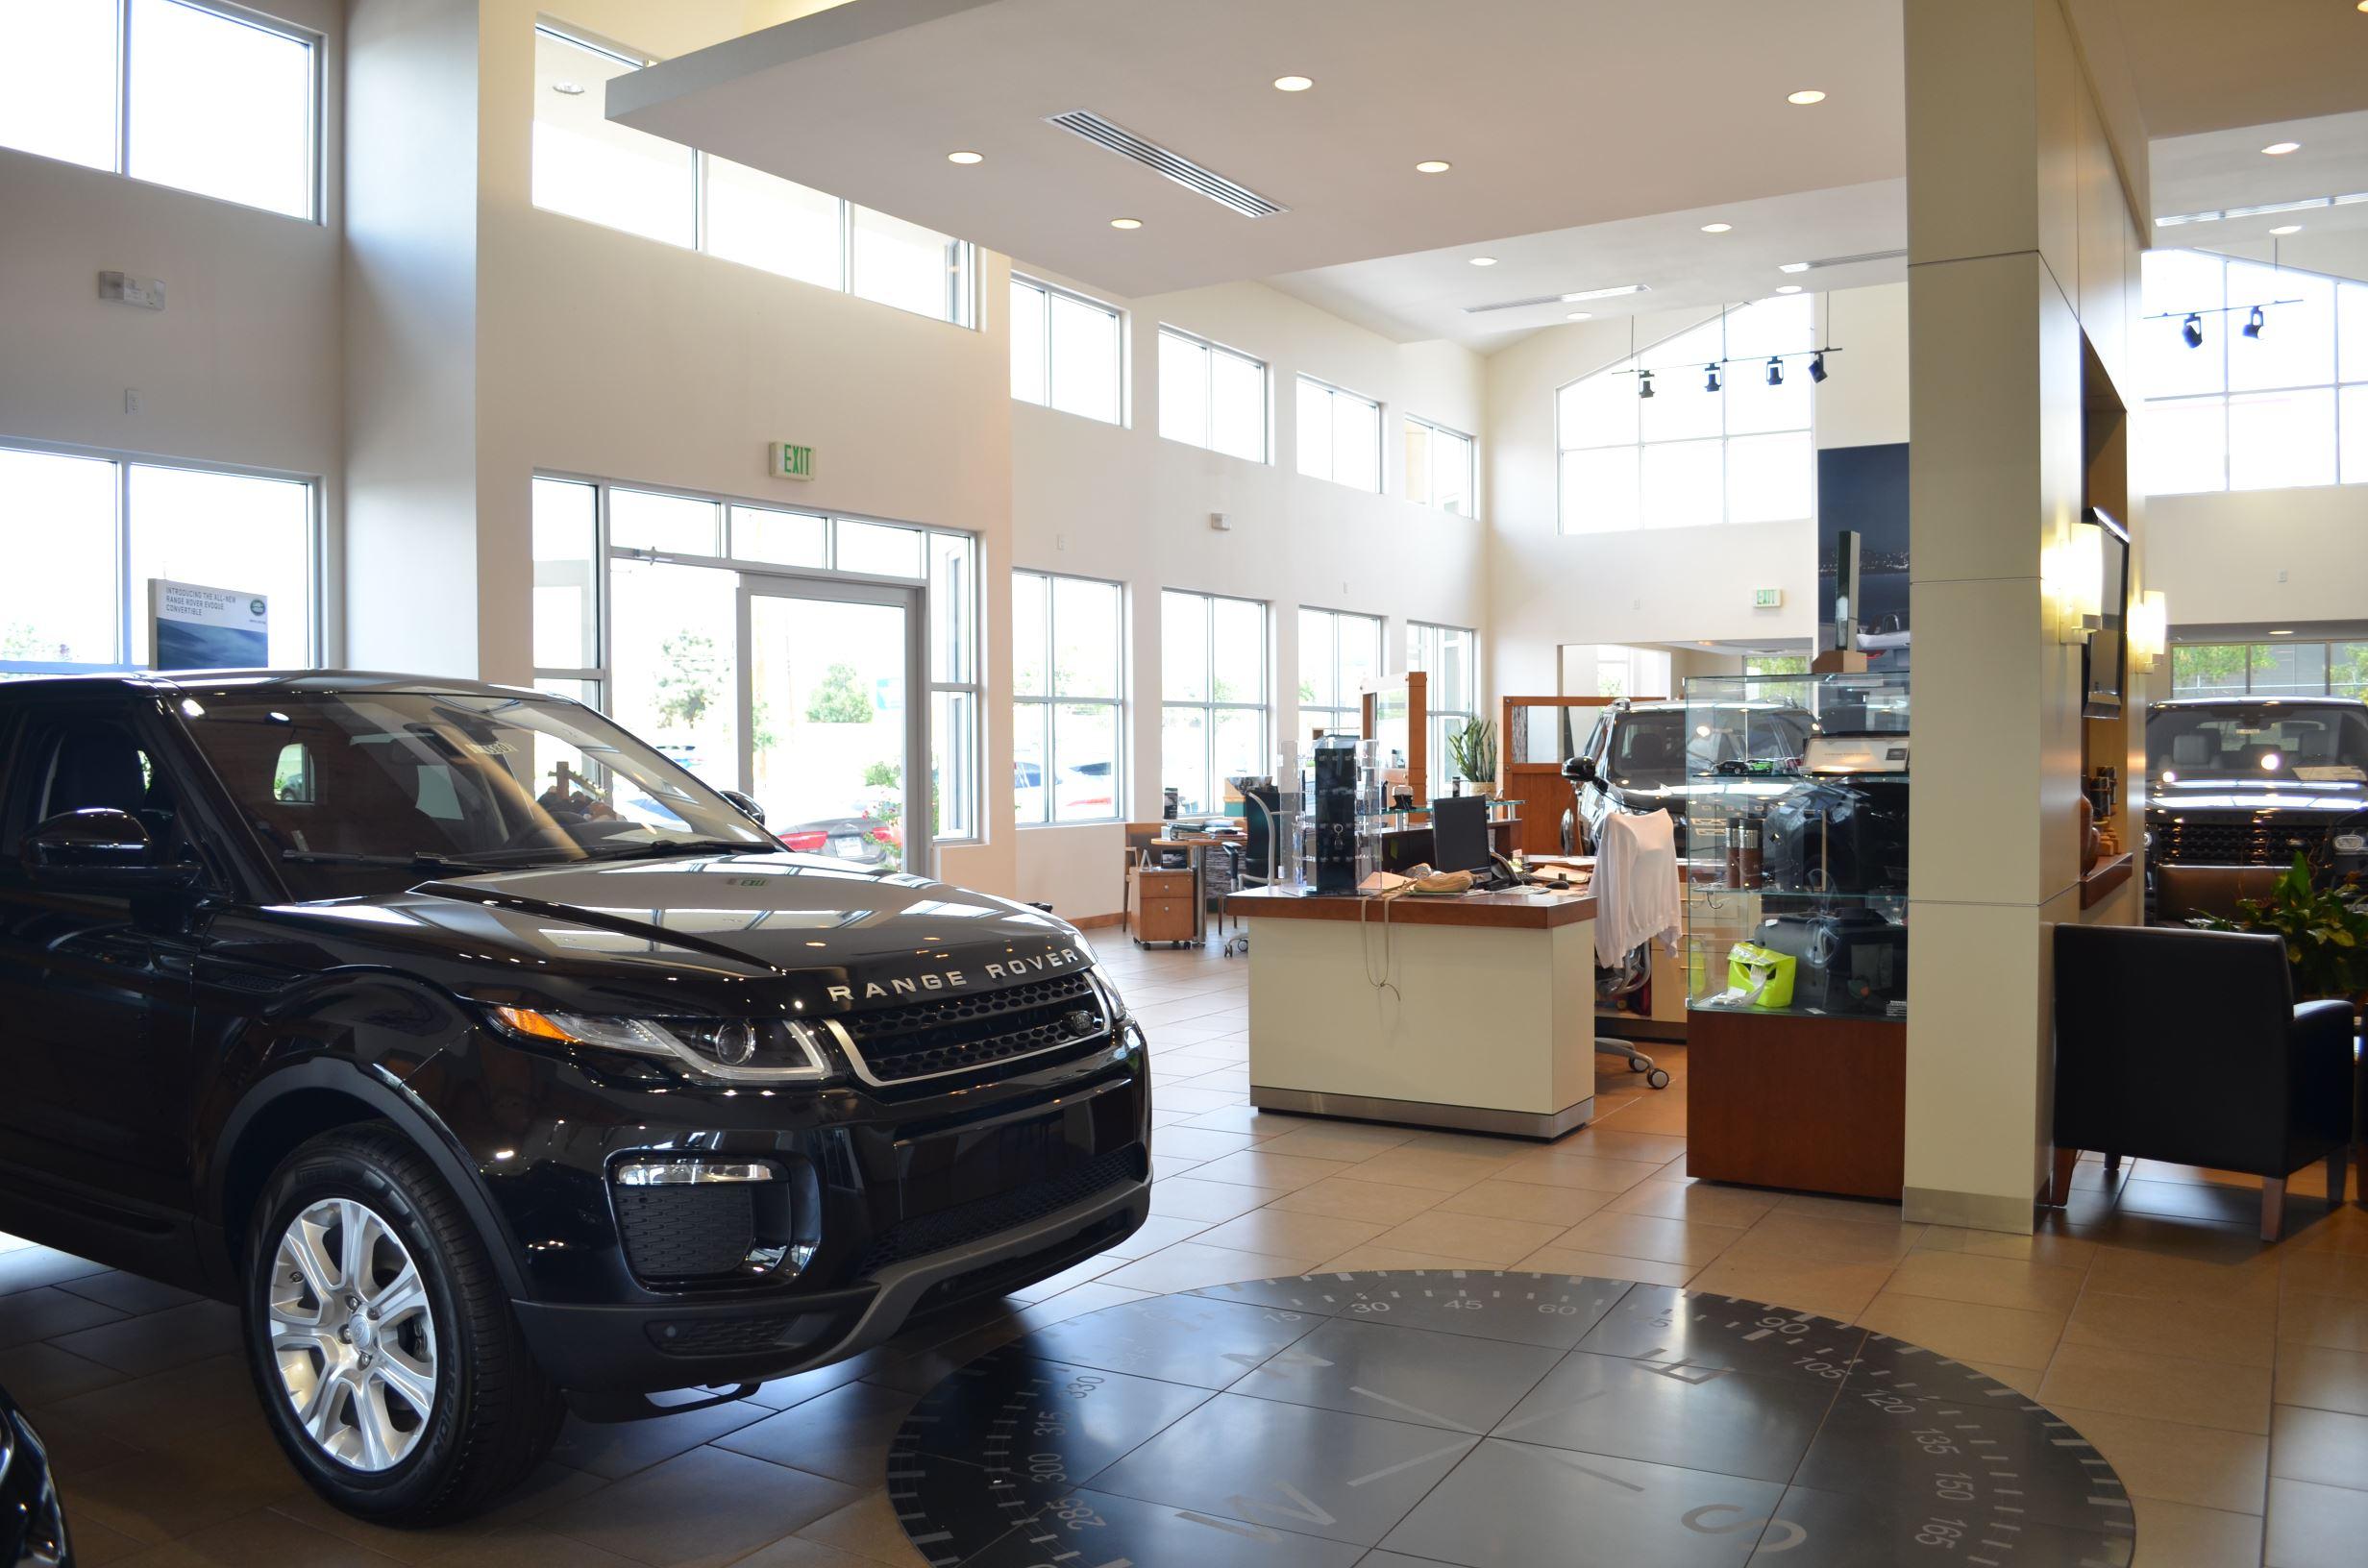 Land Rover Albuquerque image 4